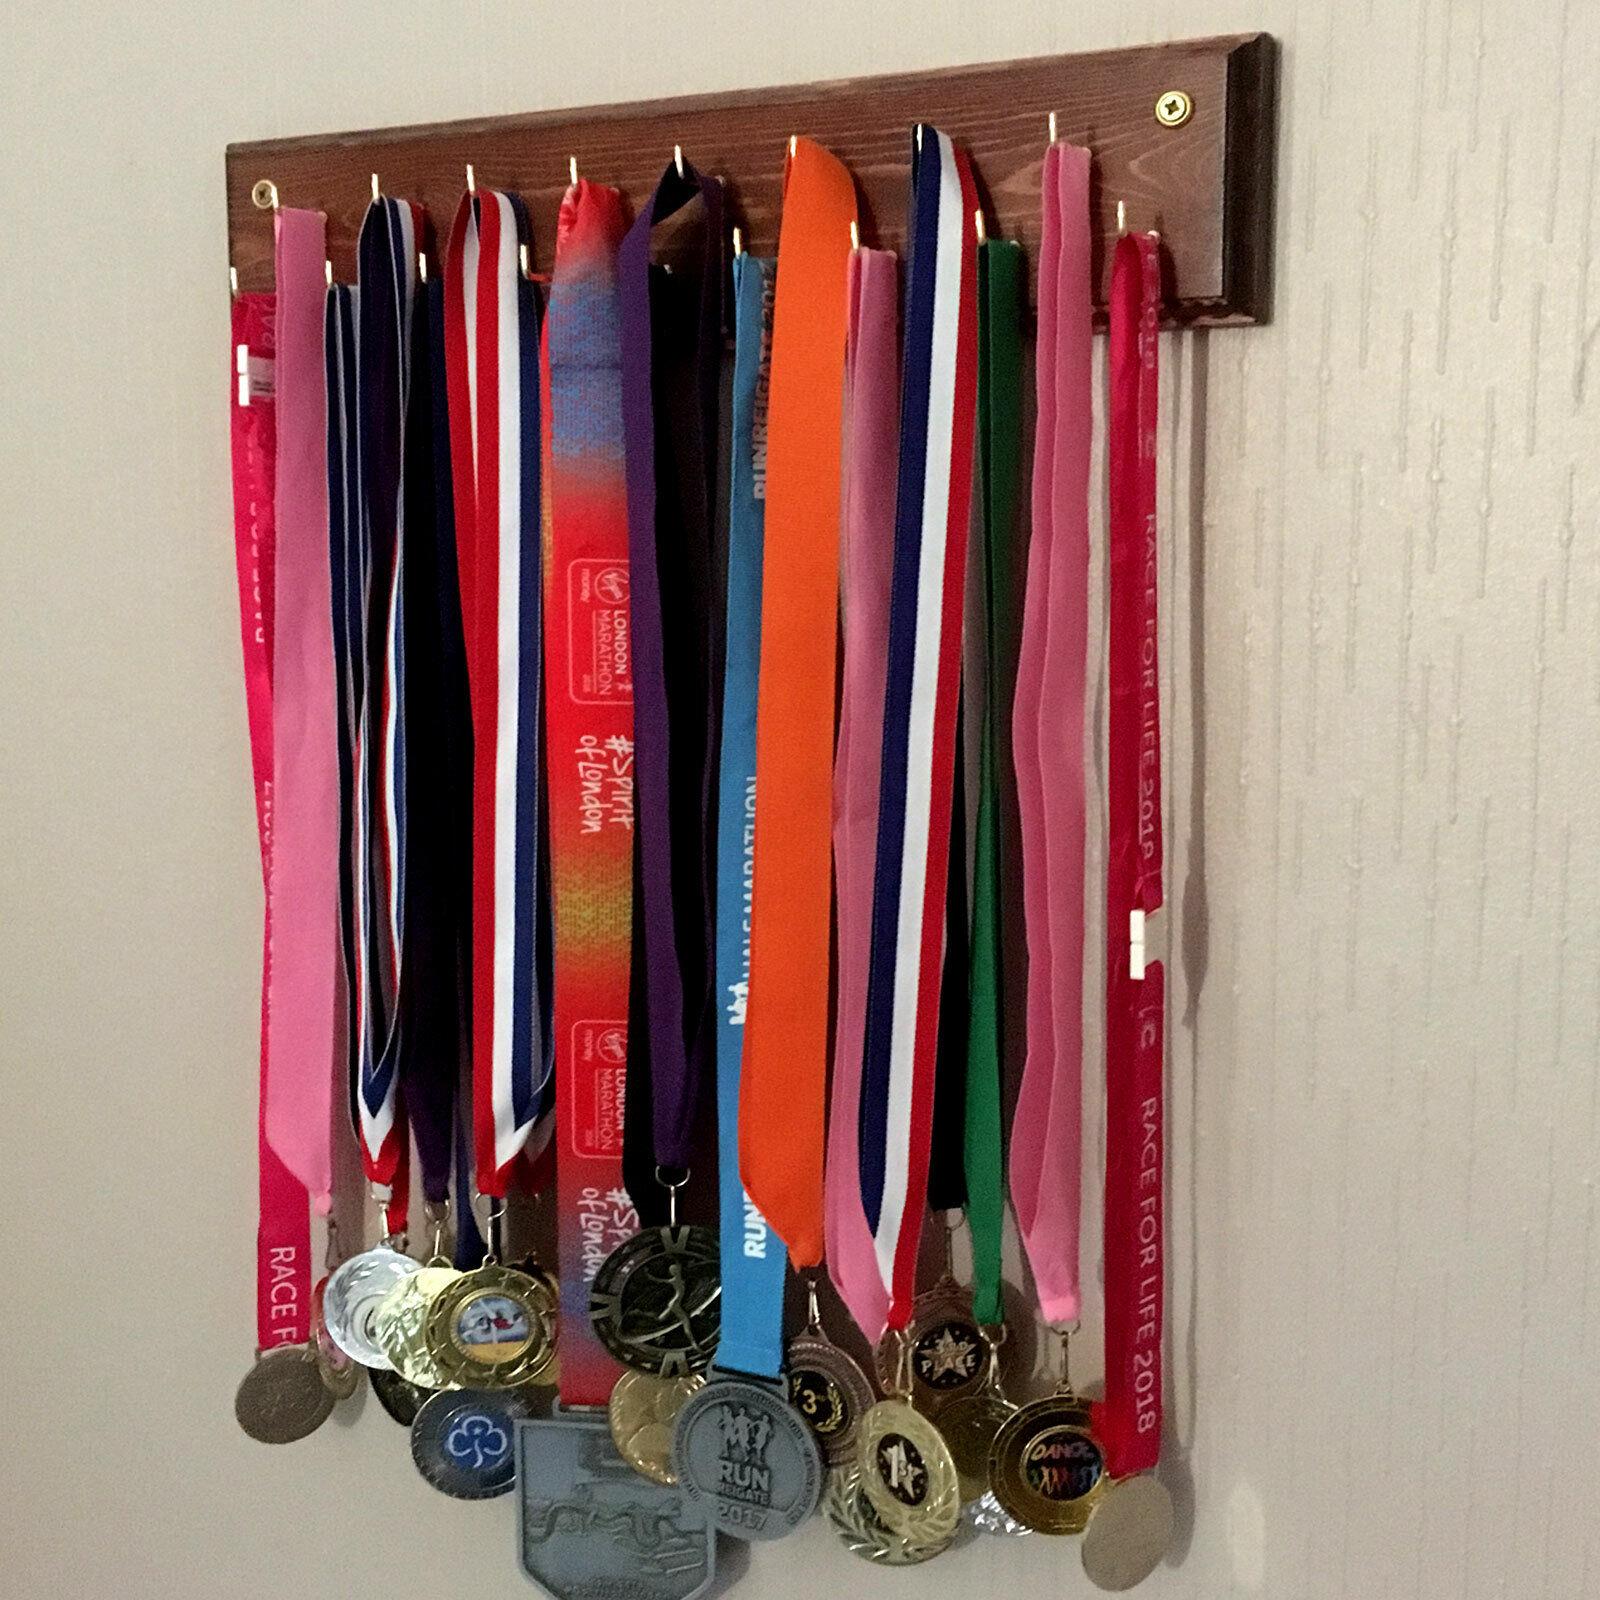 Medal Hangers, 2 Rows of Hooks, Wooden Medal Hanger, 3 Sizes, Stylish Ogee Edge